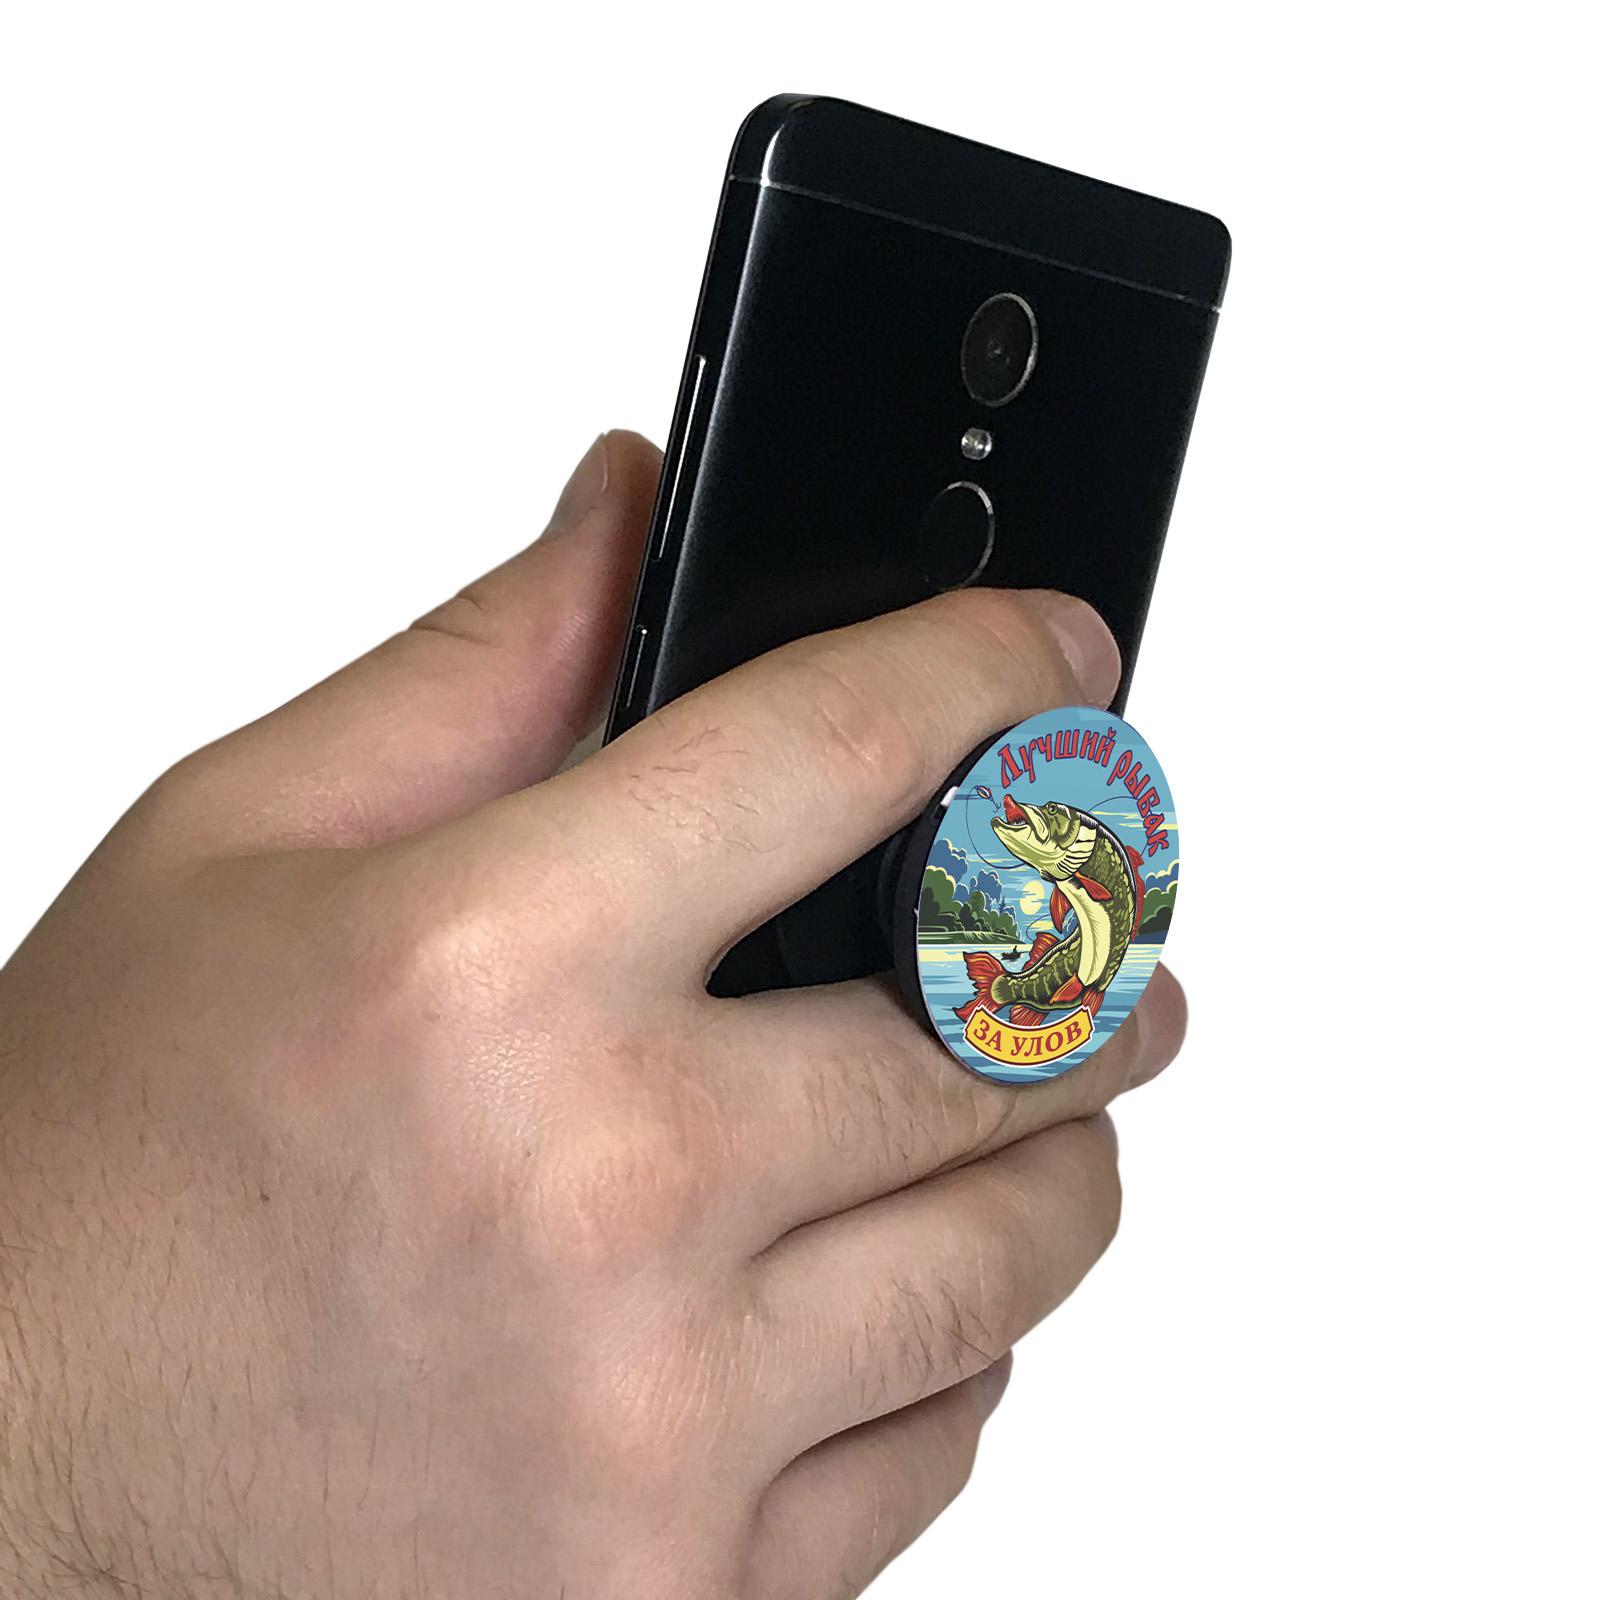 """Яркий попсокет на телефон """"Лучший рыбак"""" по лучшей цене"""